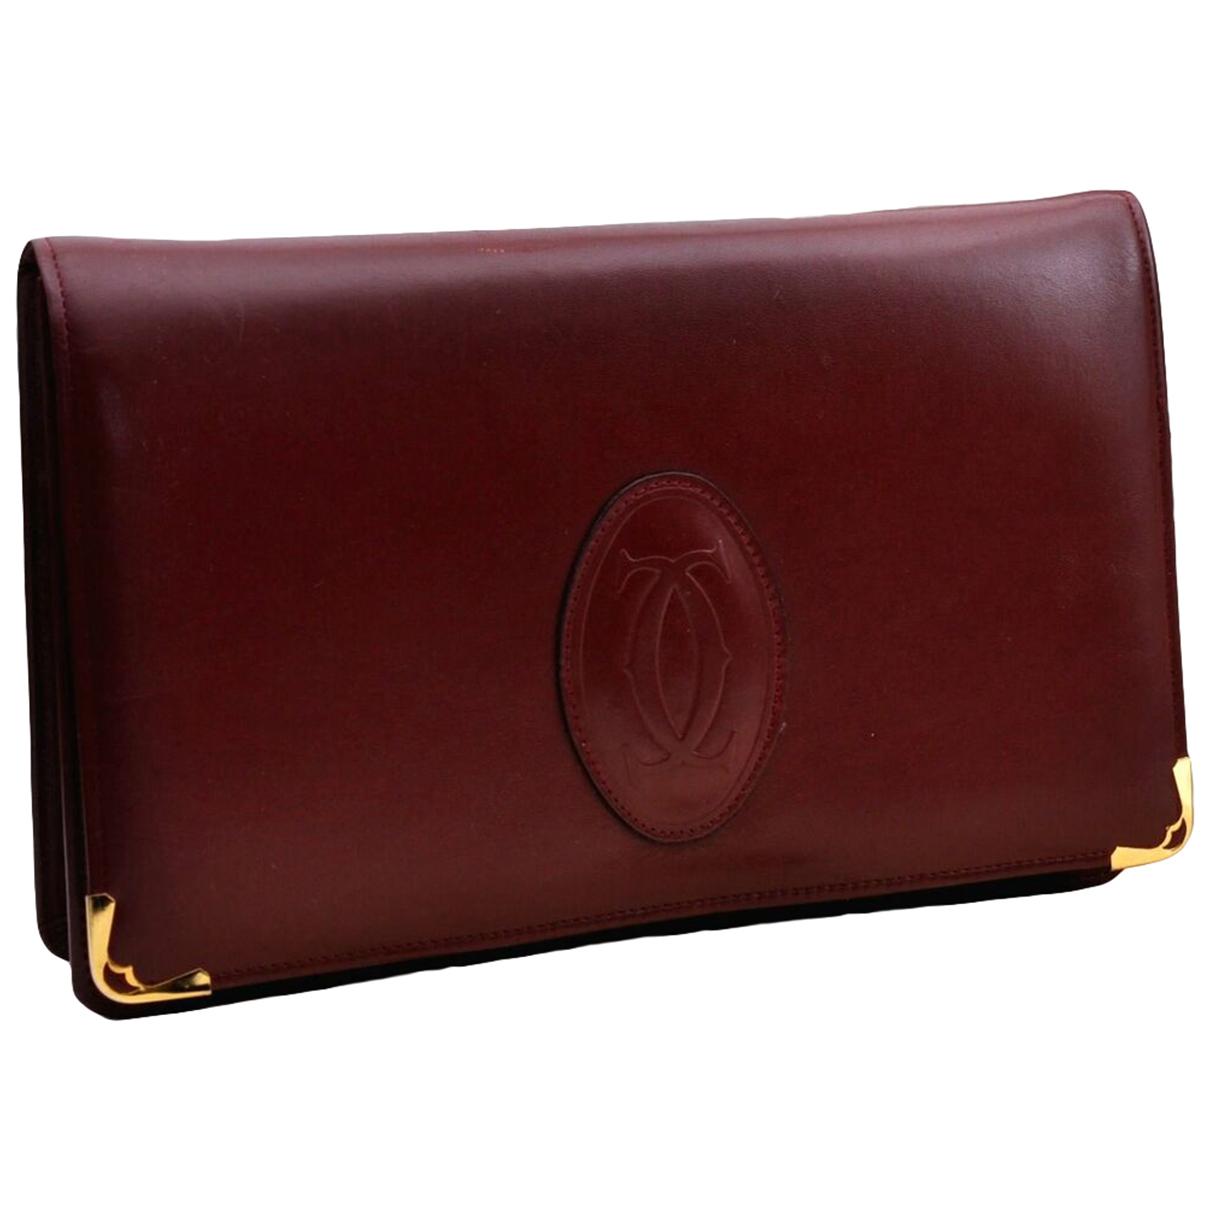 Cartier - Pochette   pour femme en cuir - bordeaux